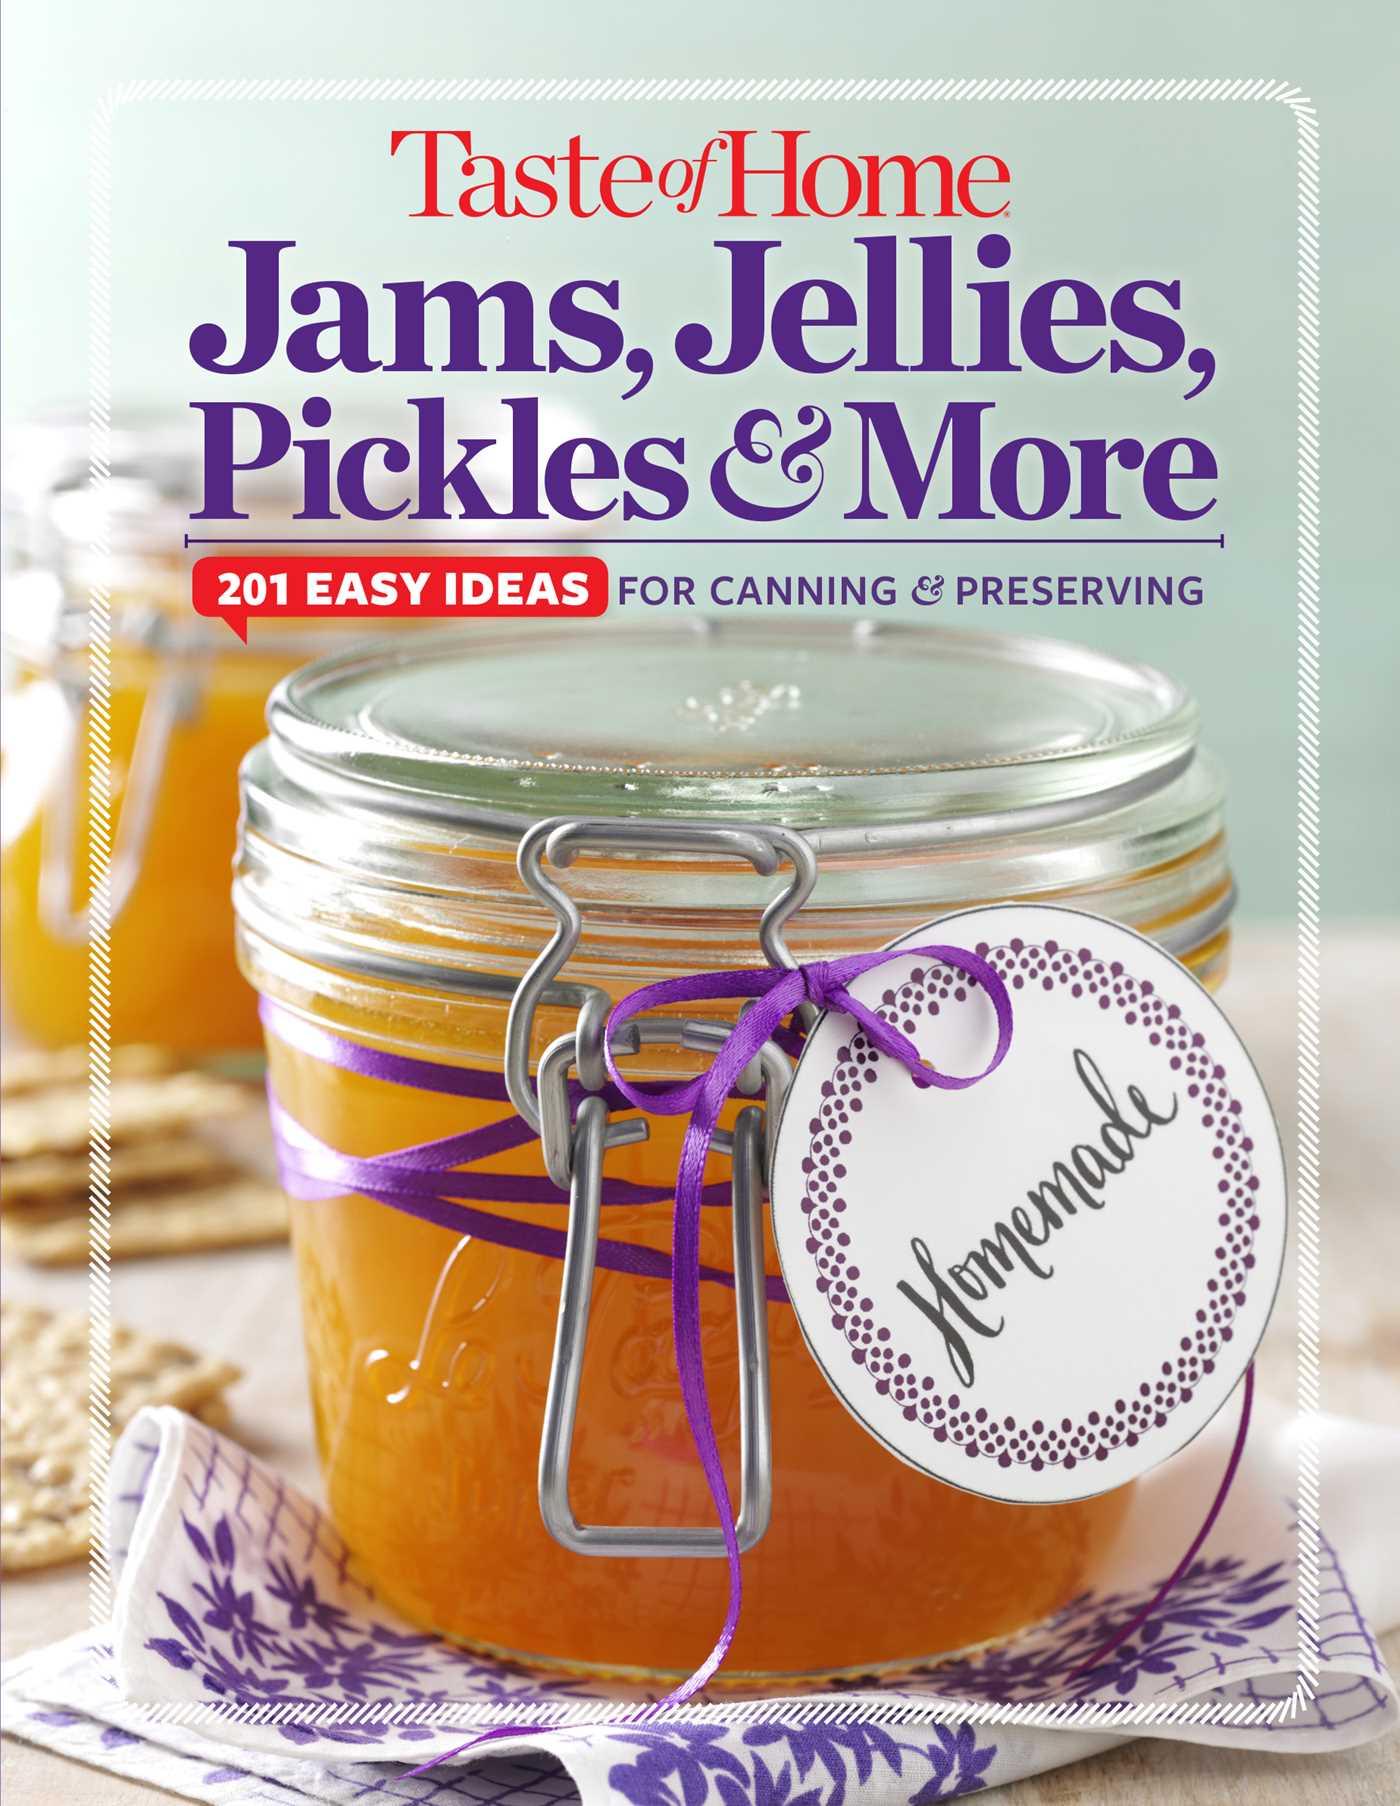 Taste of home jams jellies pickles more 9781617653667 hr